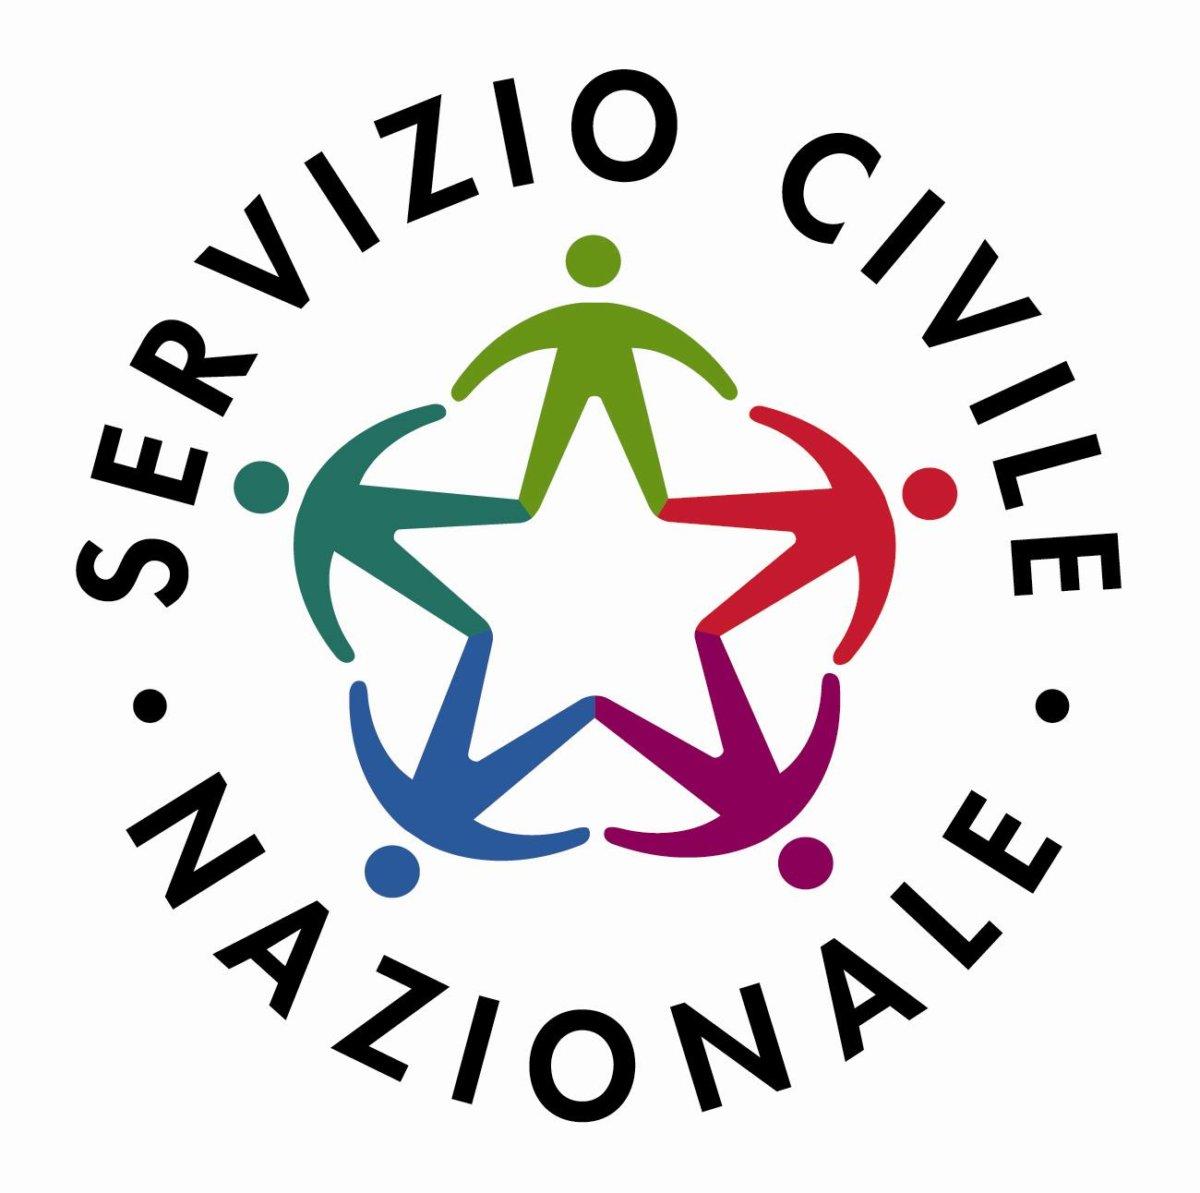 NUOVO BANDO PER IL SERVIZIO CIVILE NAZIONALE